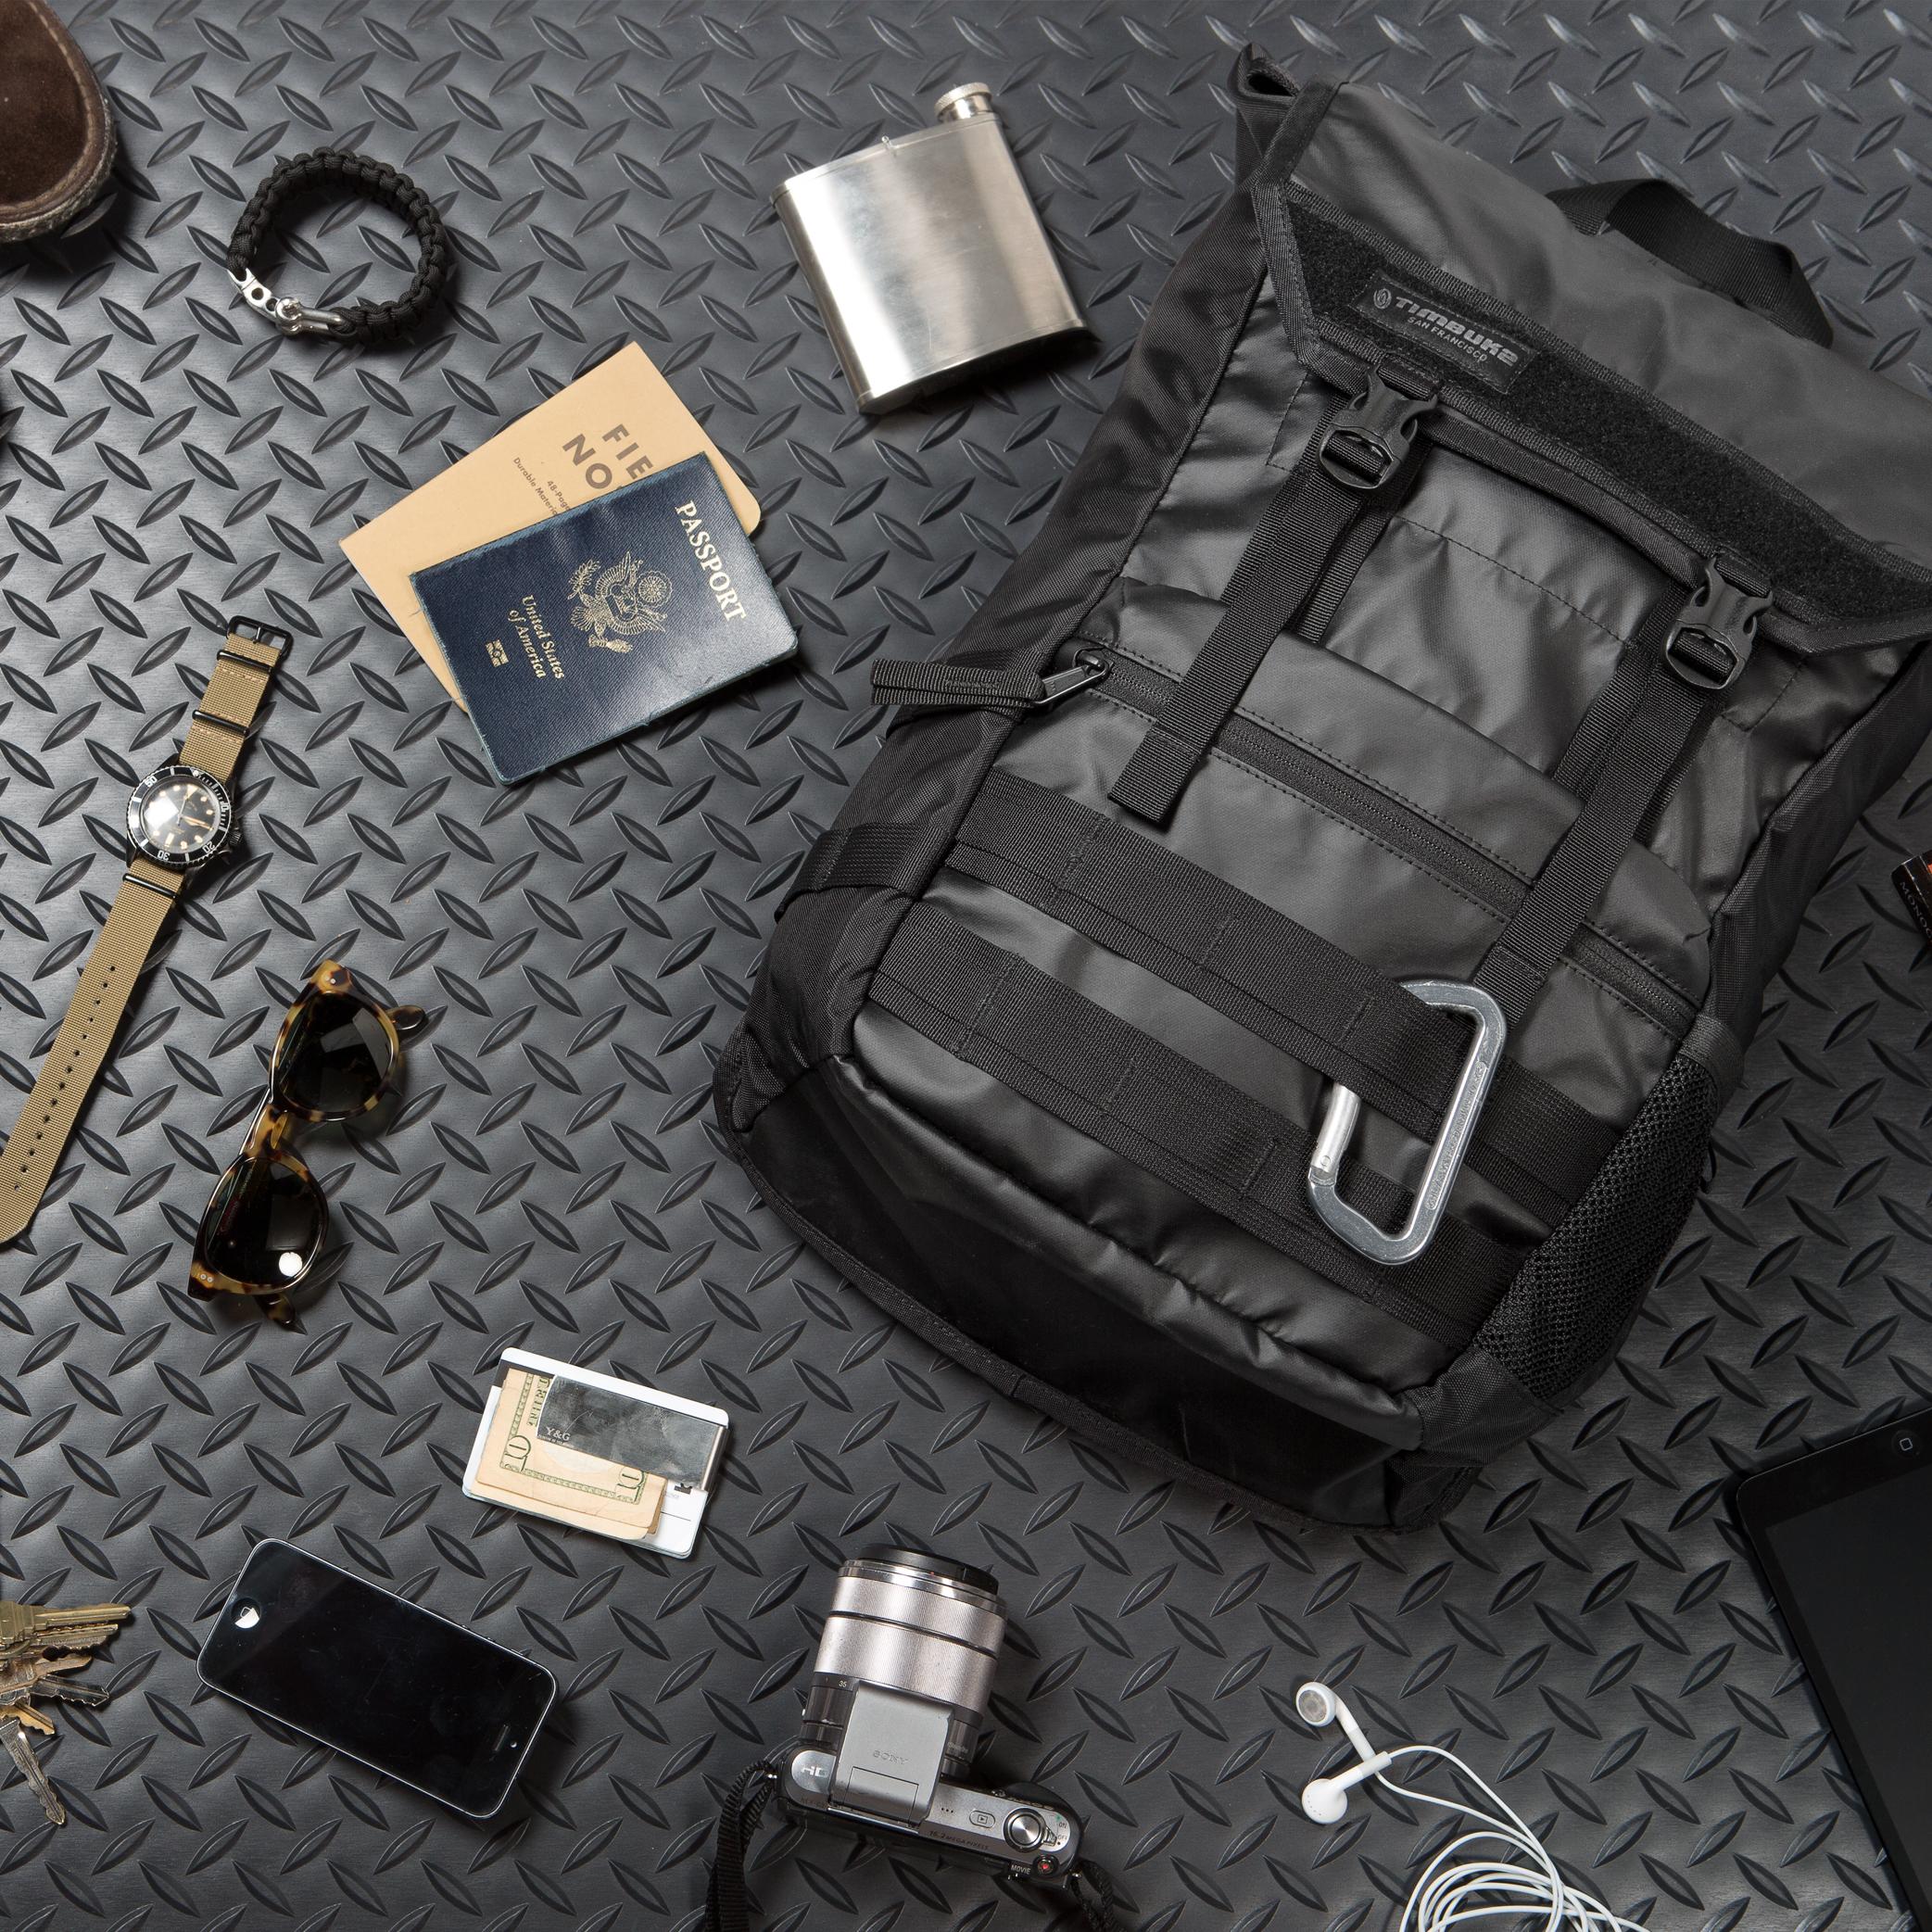 b9346ceb5 Timbuk2 Rogue Backpack - Unisex   MEC